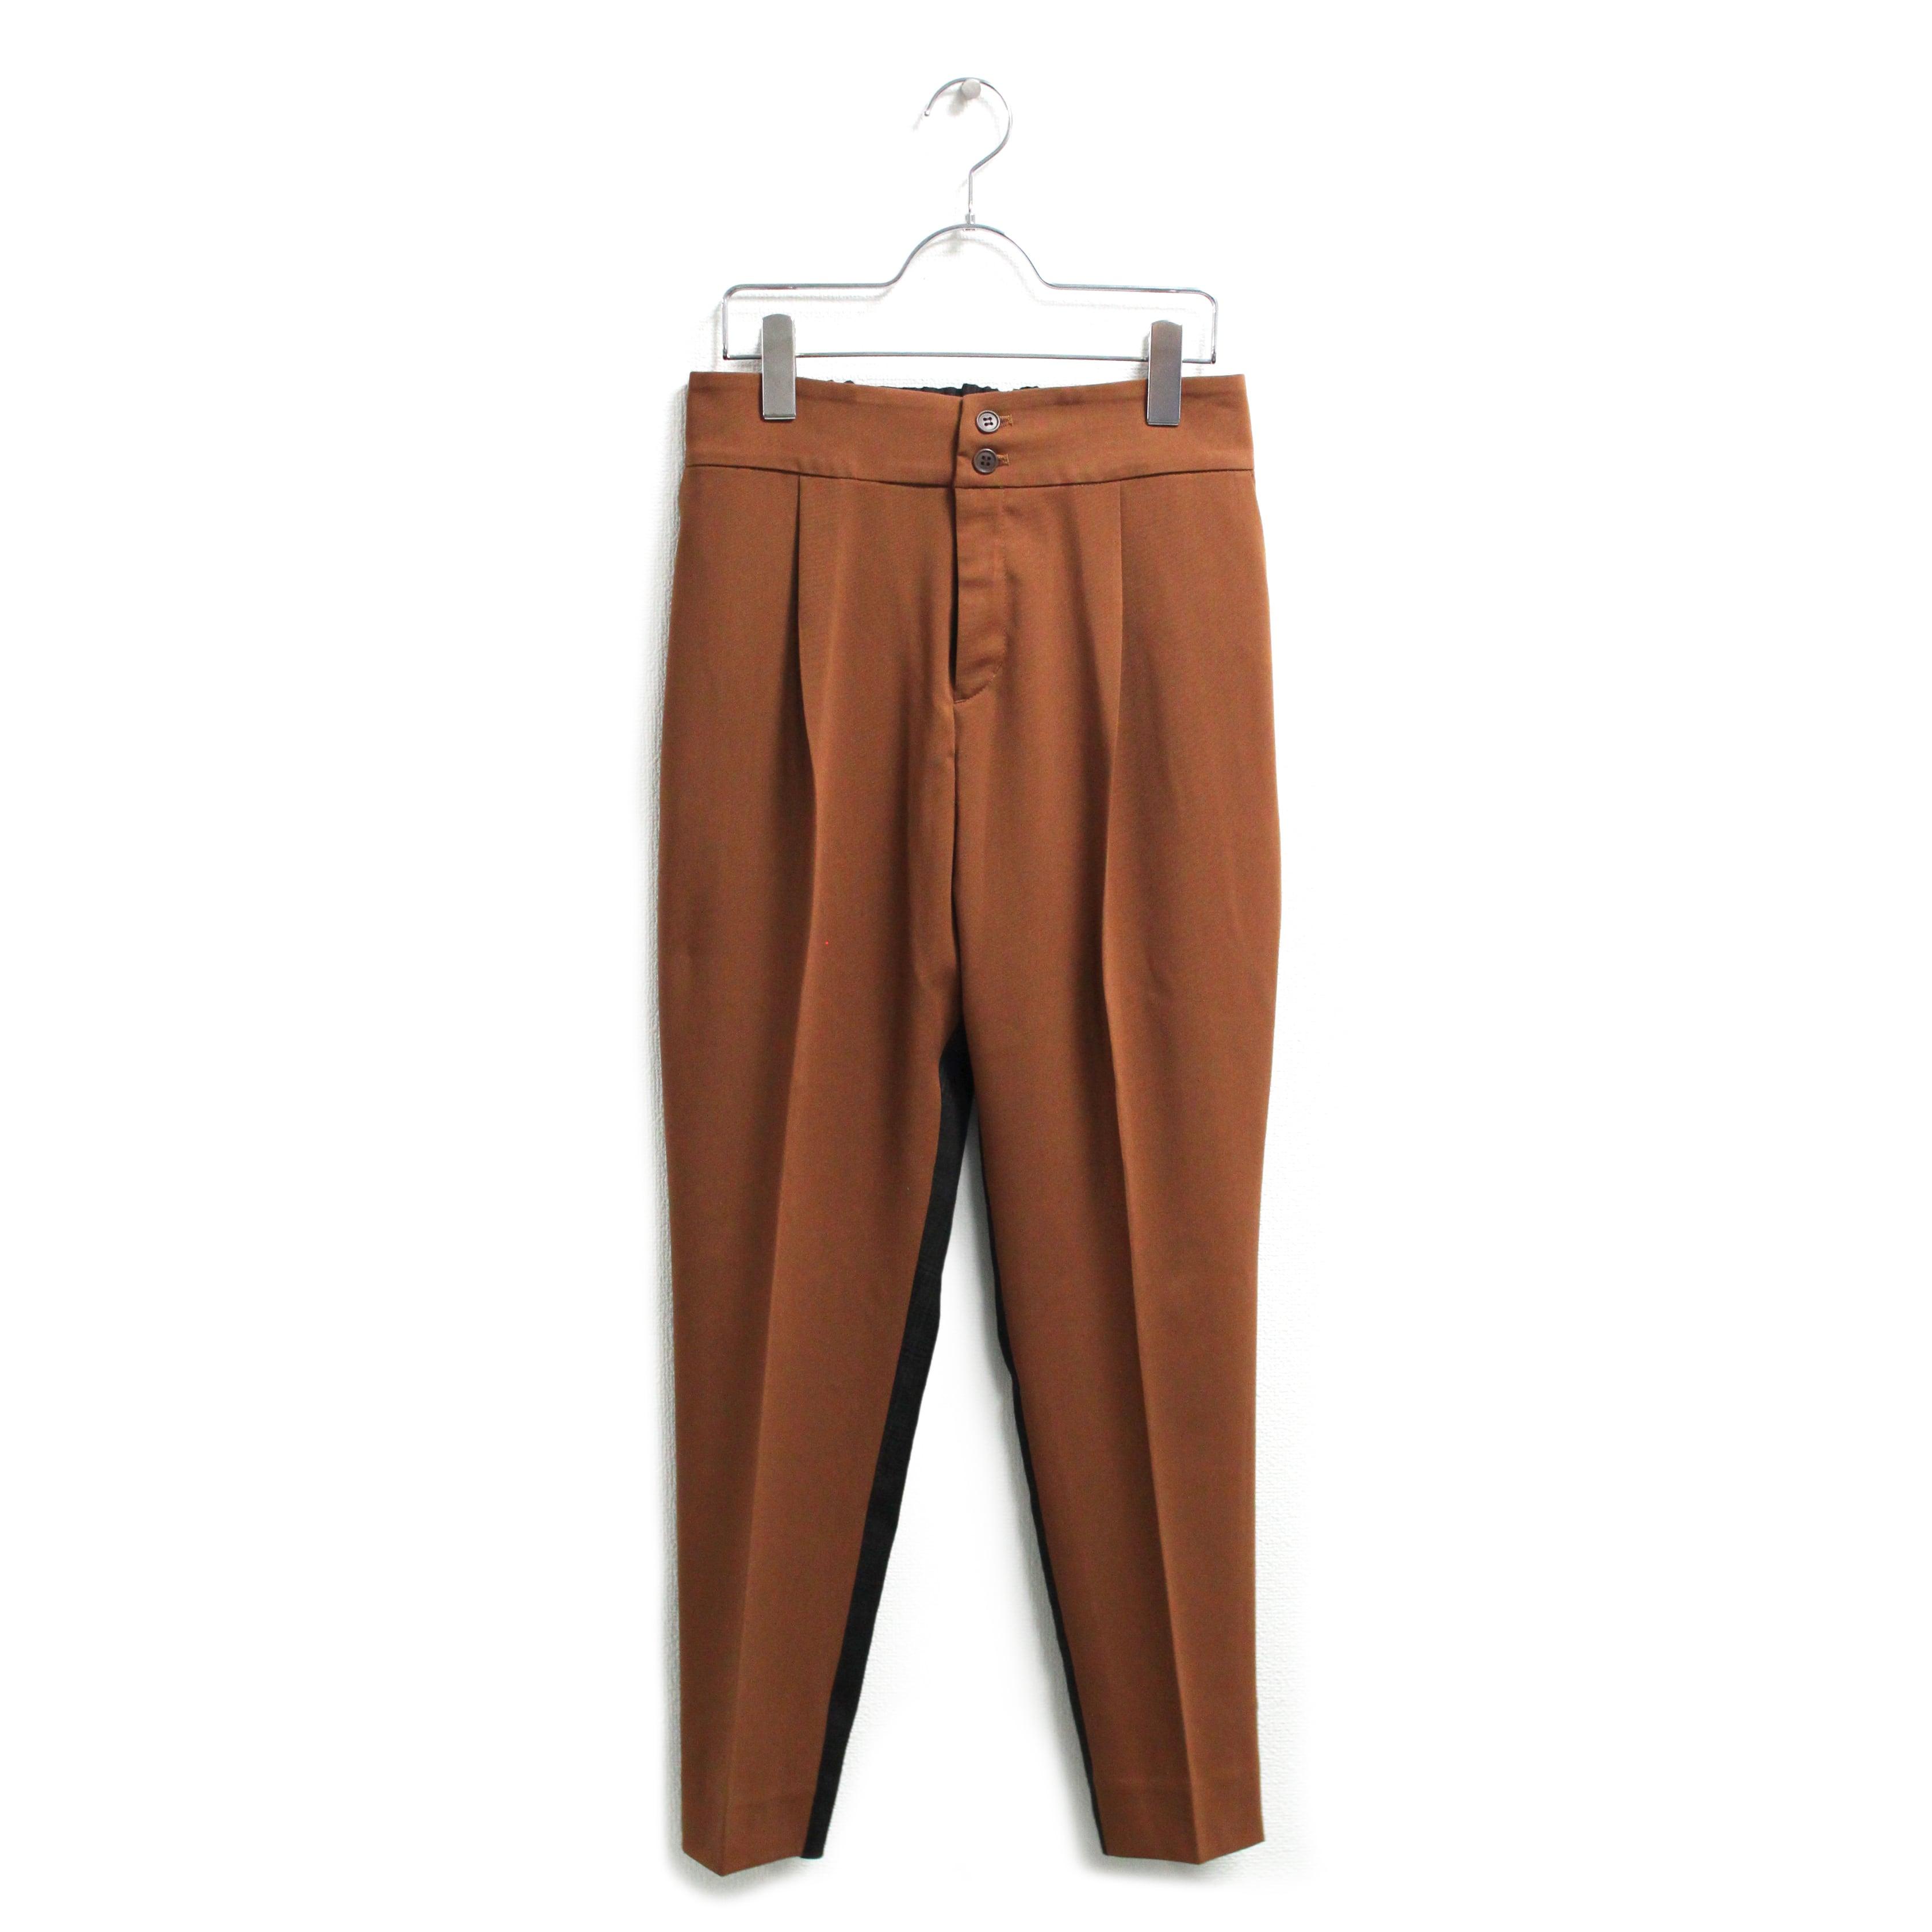 ツイル×グレンチェック柄異素材パンツ